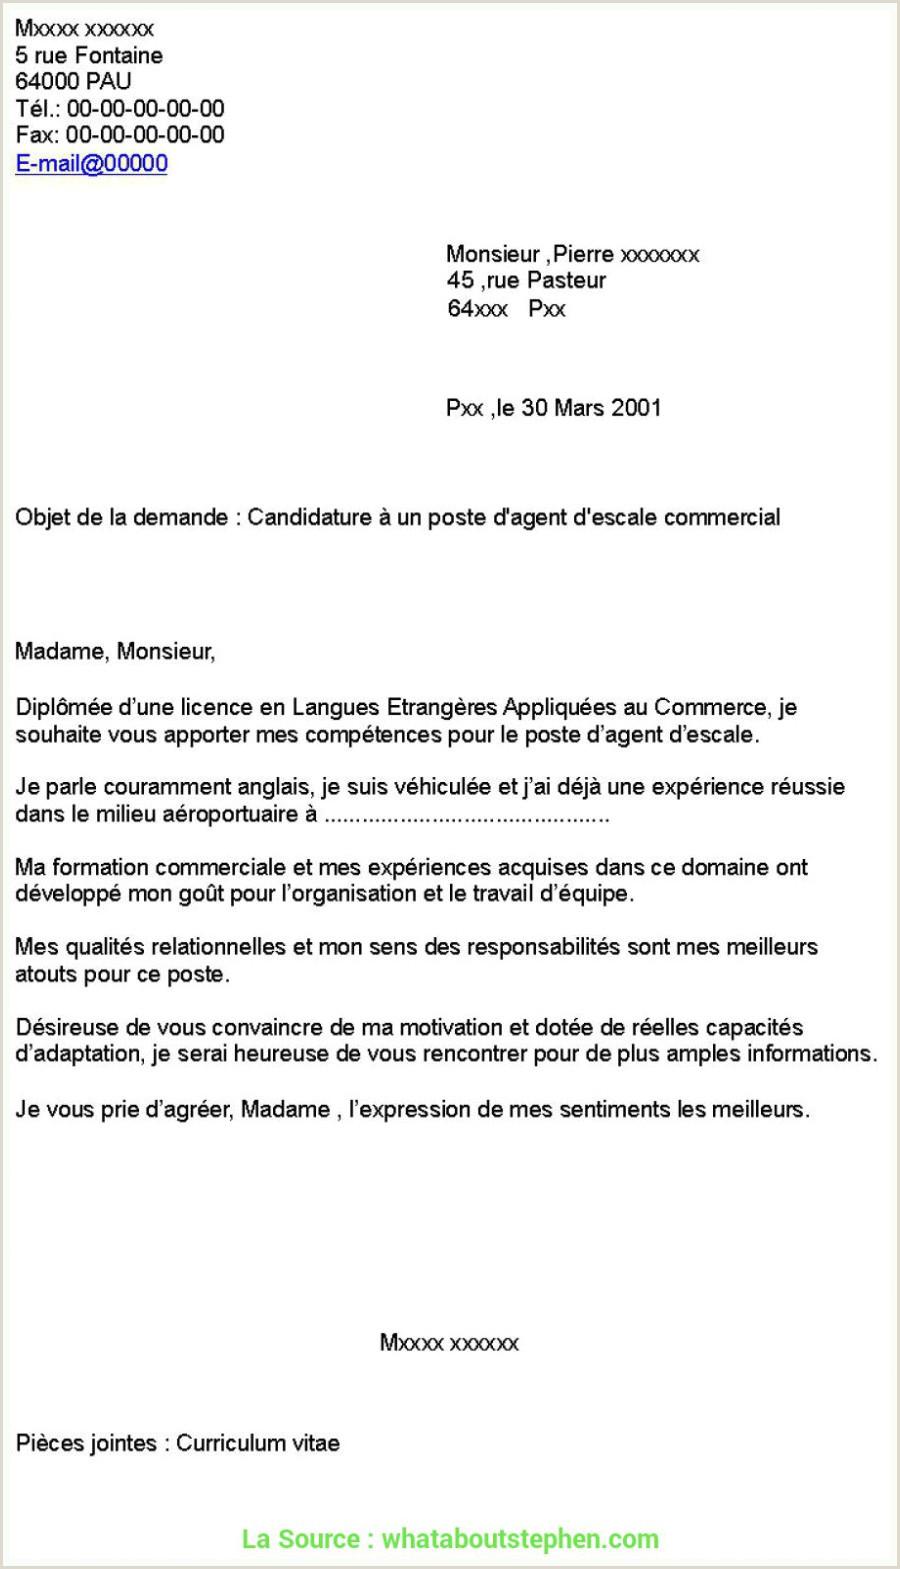 Modele De Cv Hotesse Daccueil Standardiste Avancée Lettre De Motivation Pour Le Poste D Hotesse D